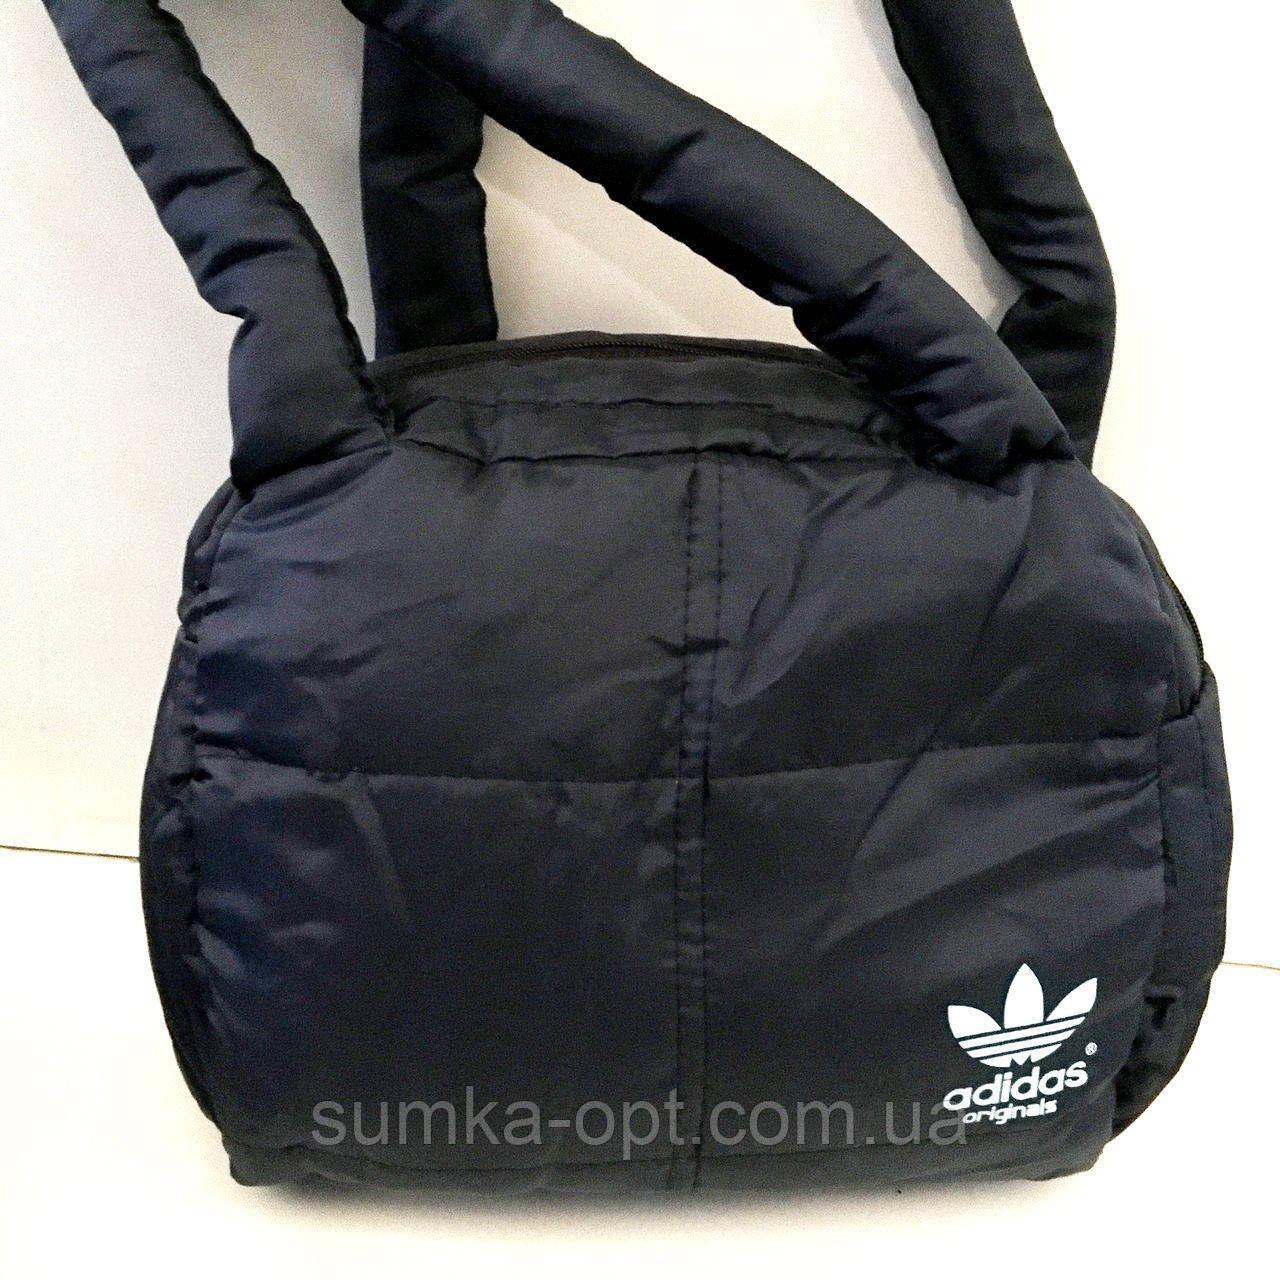 Дутые СПОРТИВНЫЕ сумки под пуховик Adidas МАЛ (ЧЕРНЫЙ-БЕЛ)25*28см